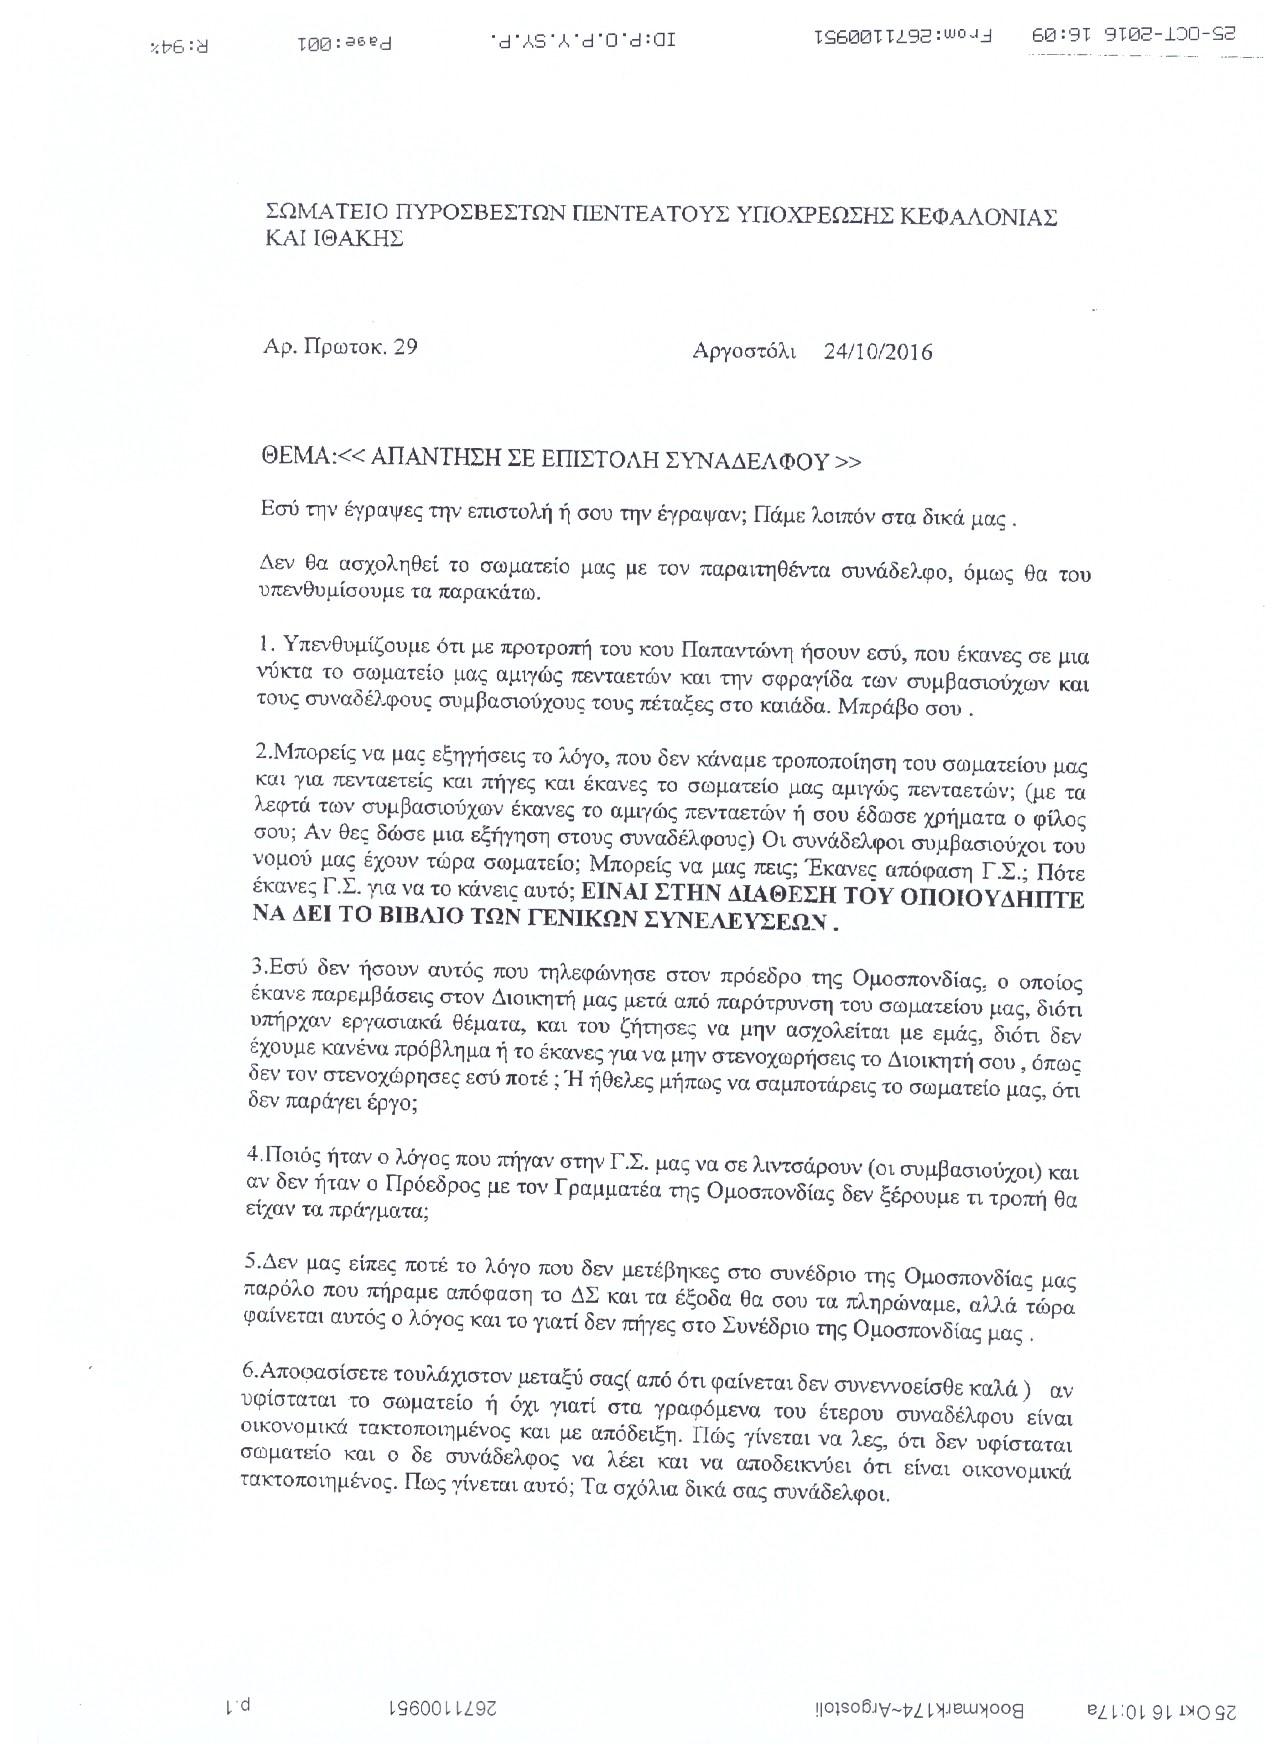 Αρ. Πρωτοκ. 1708 25.10.2016 Σωματείο κεφαλονιάς Ιθάκης απάντηση σε επιστολή συναδέλφου 1